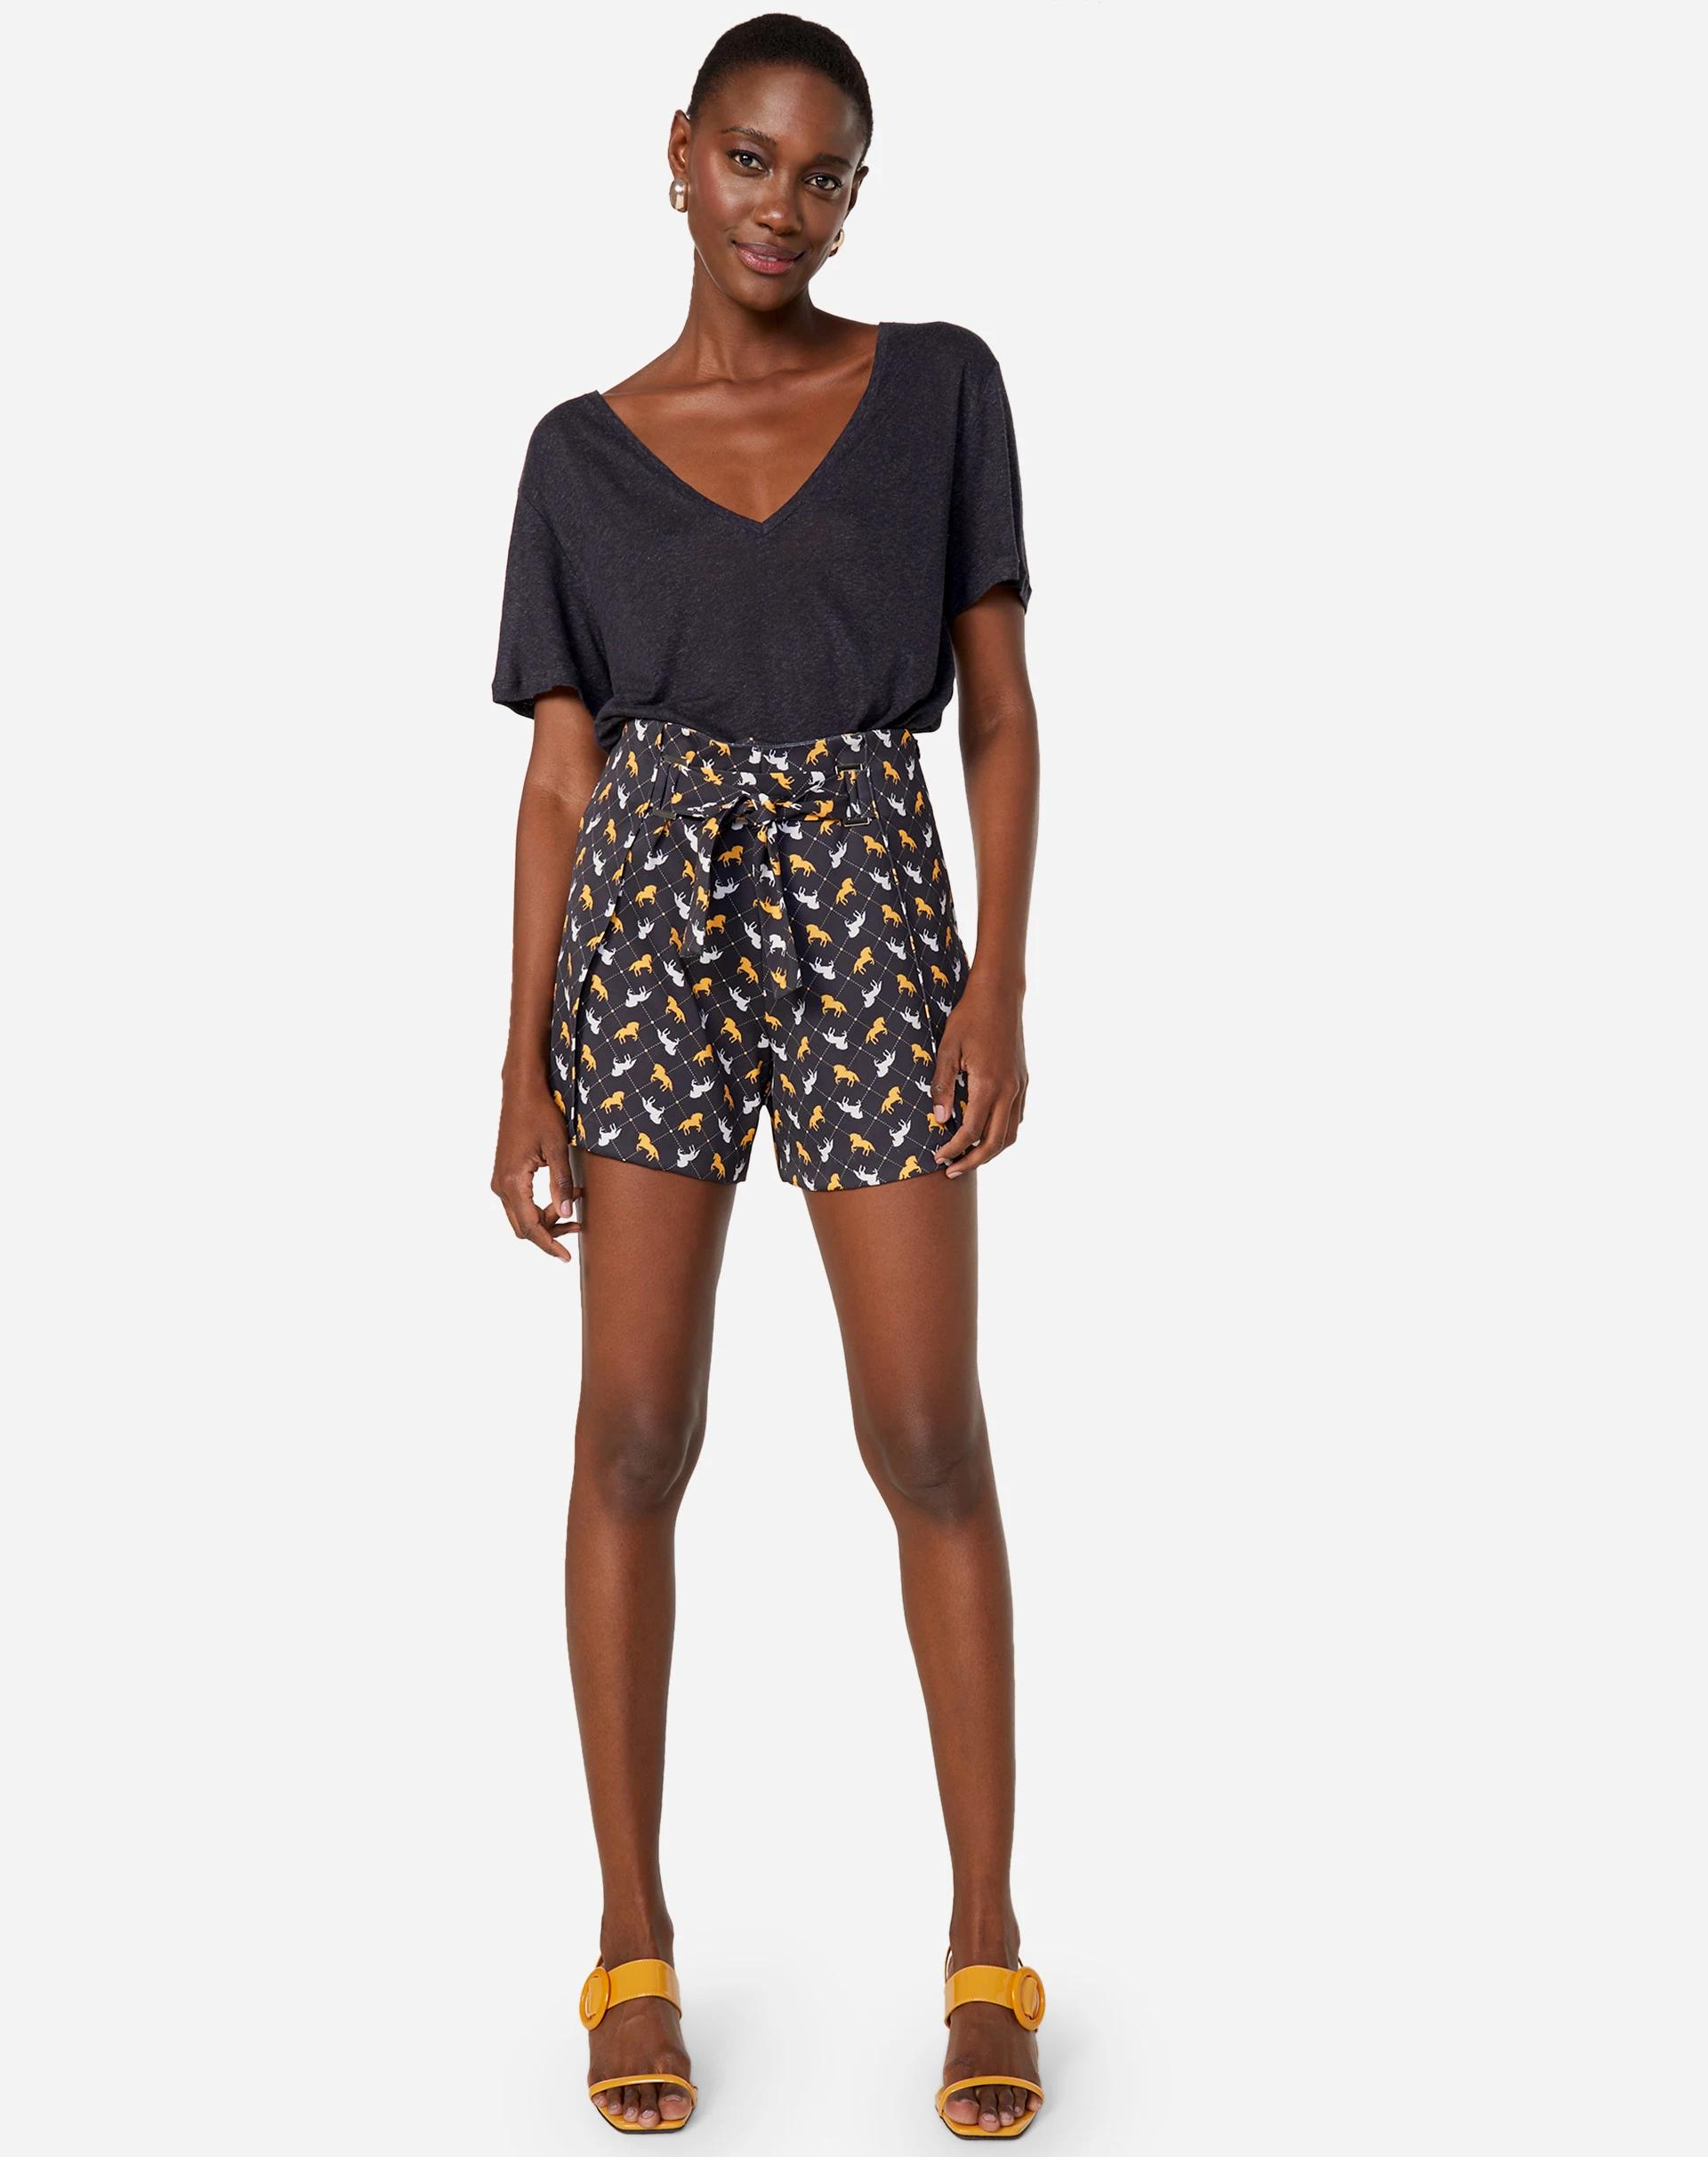 Resultado de imagem para shorts social texturizado looks